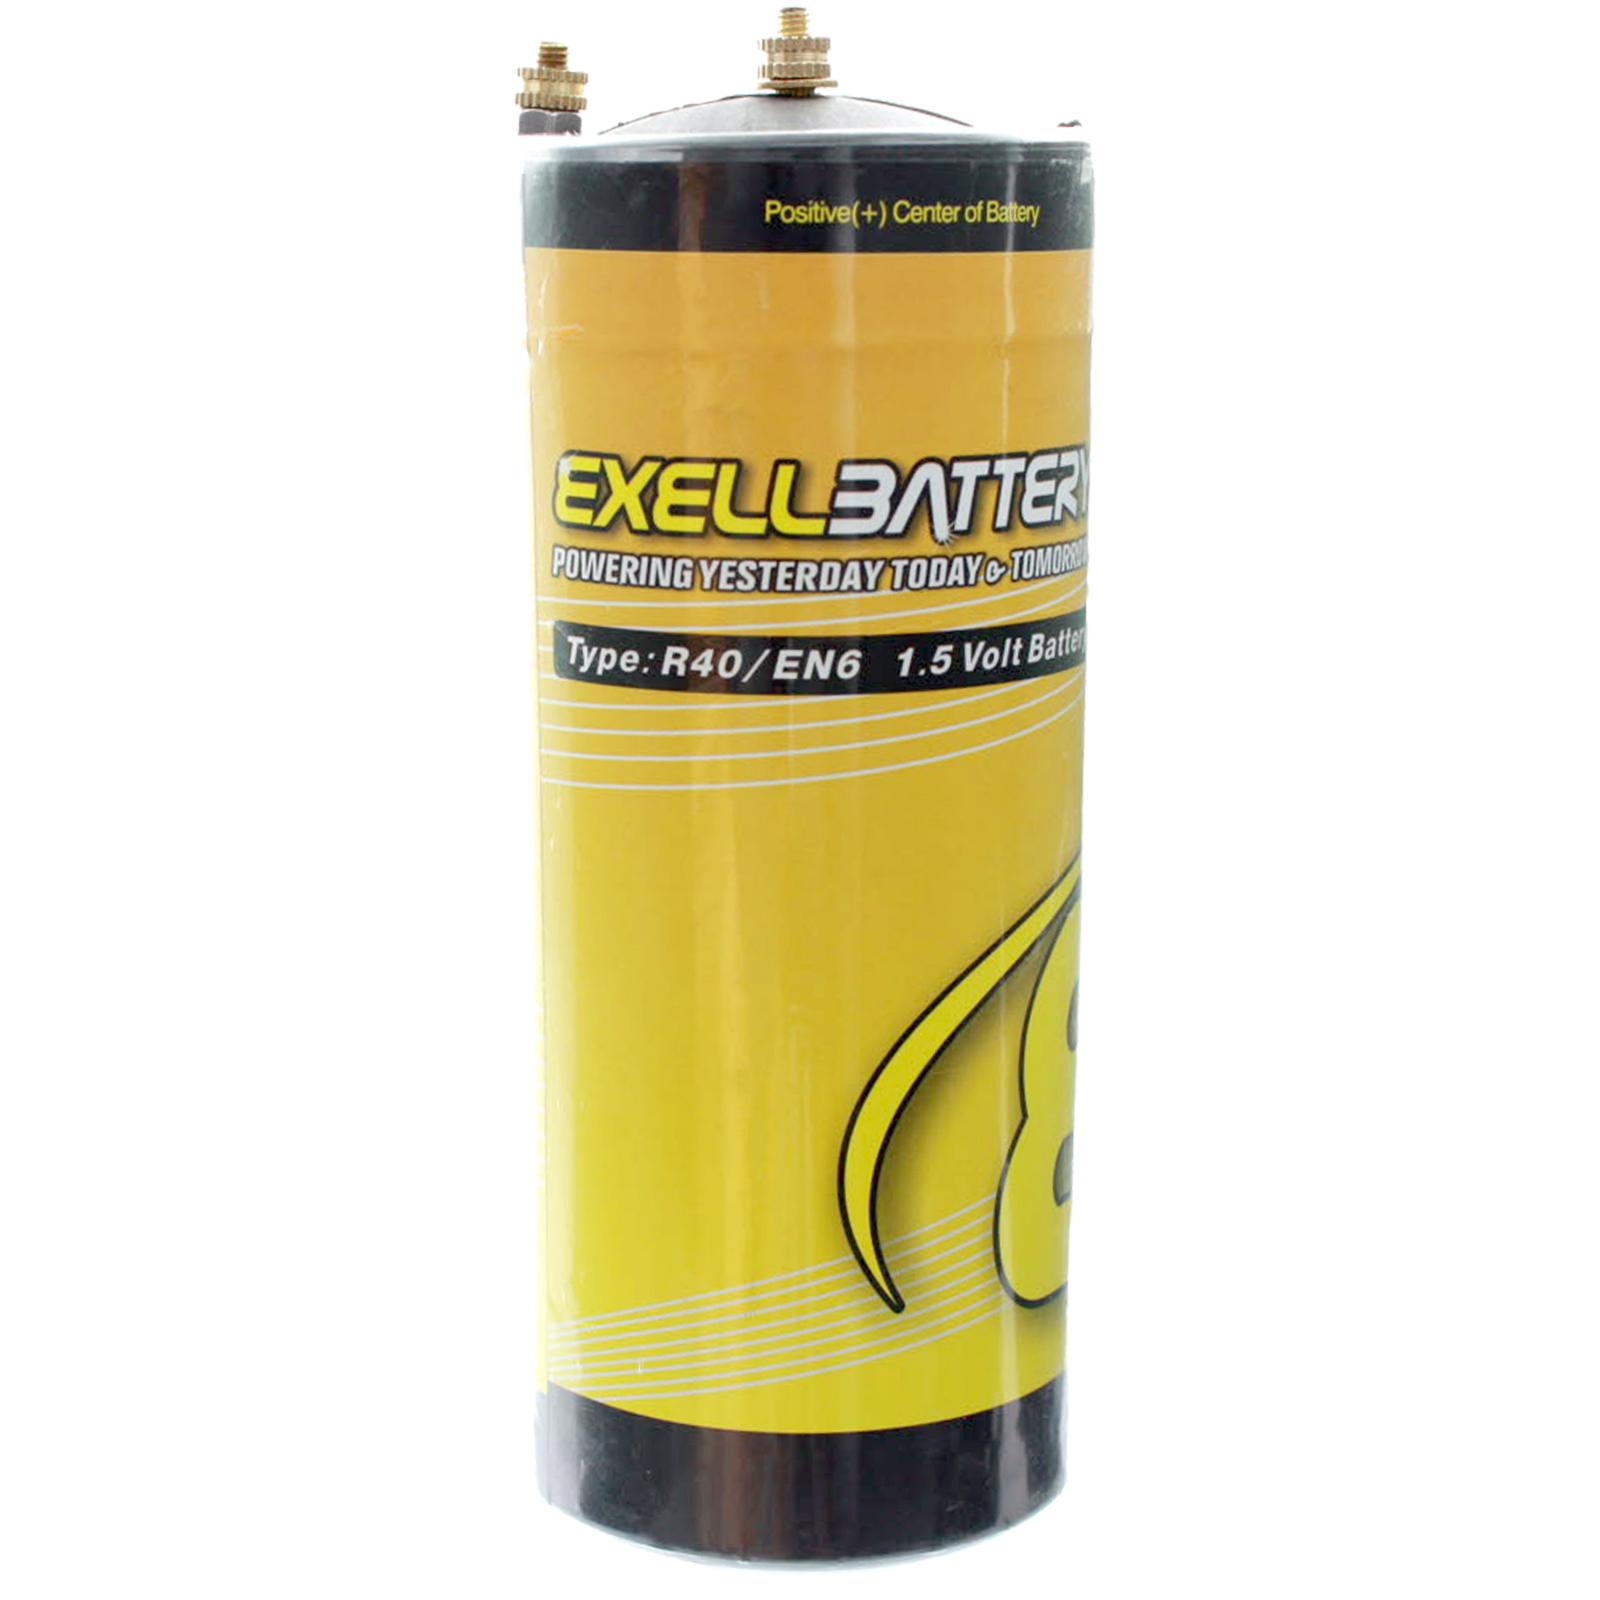 exell battery ebr40 type r40 1 5v battery en6 ho40 906ac. Black Bedroom Furniture Sets. Home Design Ideas